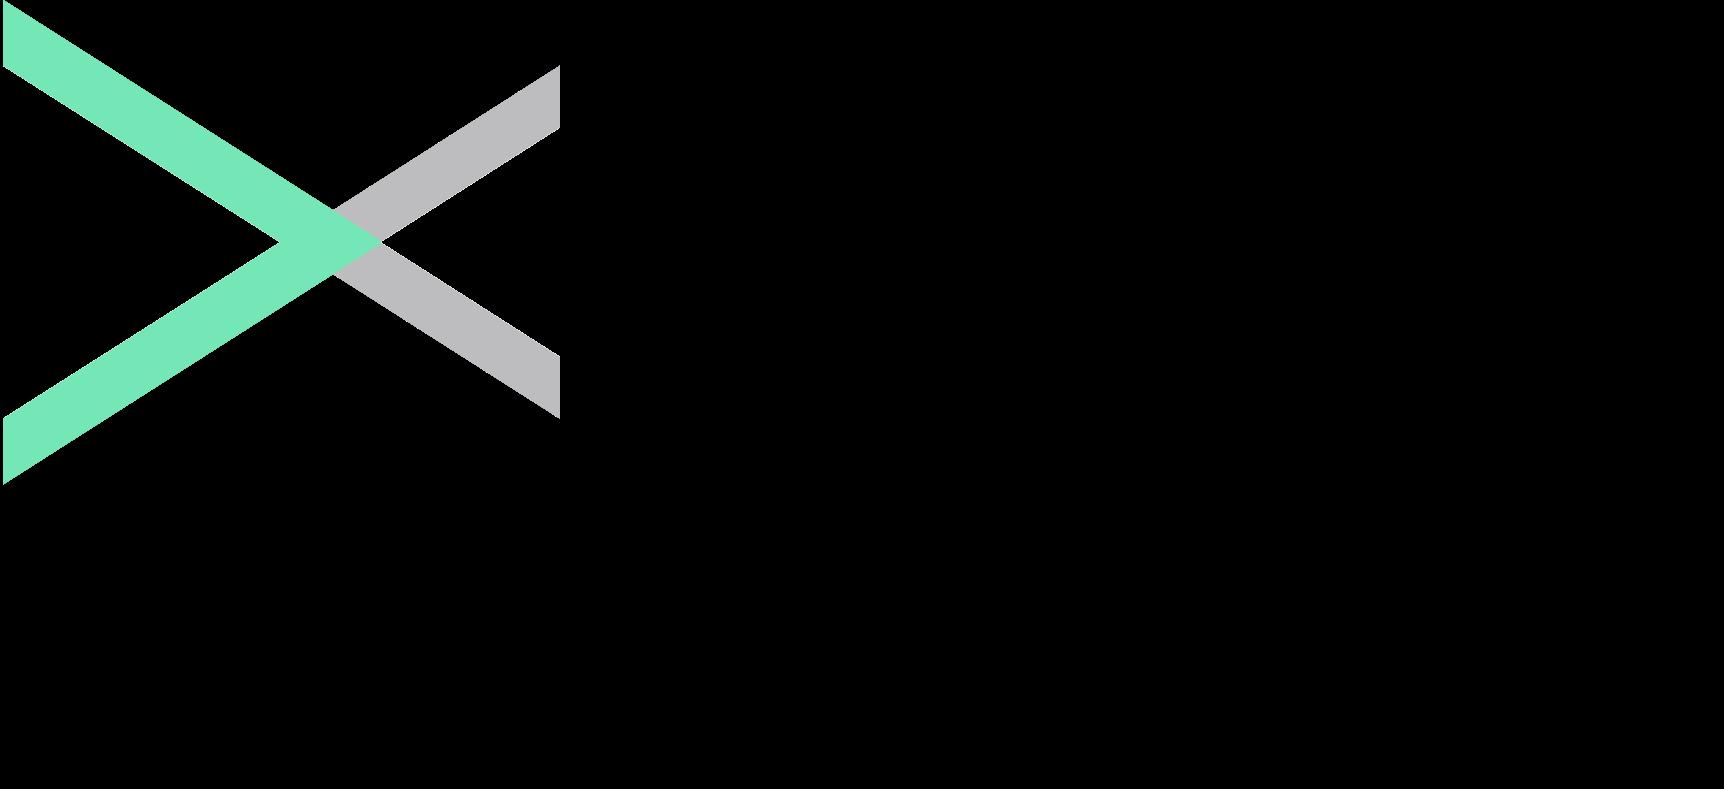 Finteum Ltd